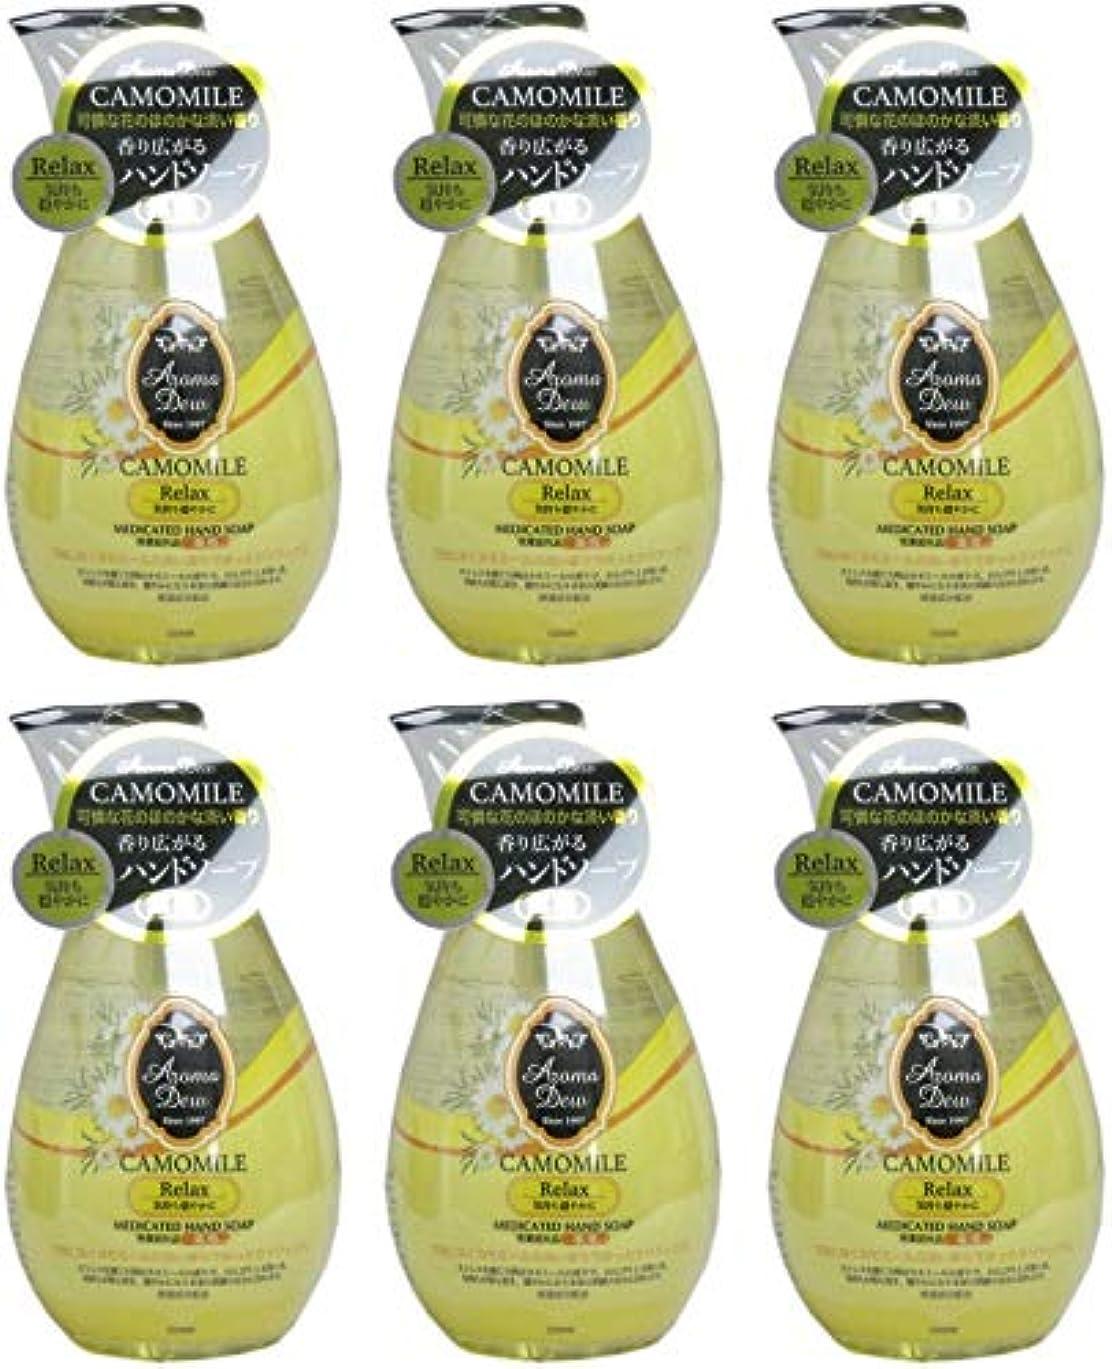 摂氏度リーズ型【まとめ買い】アロマデュウ 薬用ハンドソープ カモミールの香り 260ml【×6個】